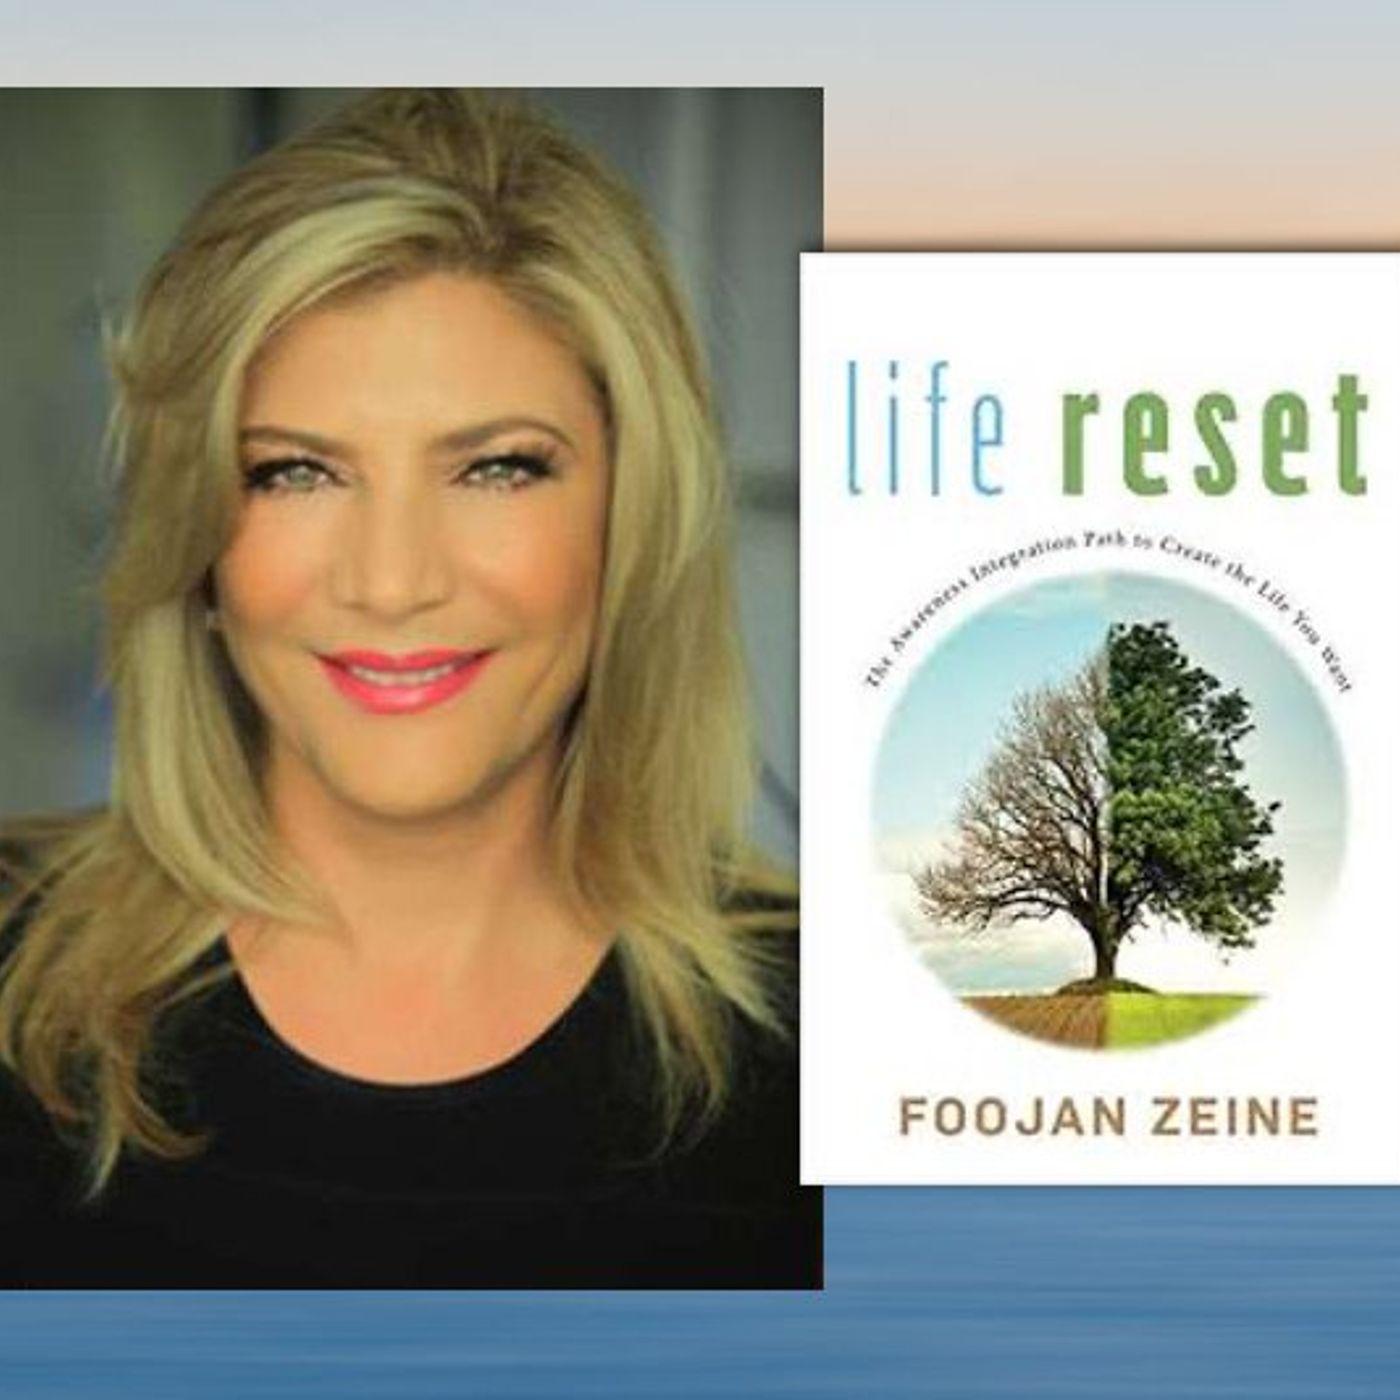 Life Reset with Dr. Foojan Zeine